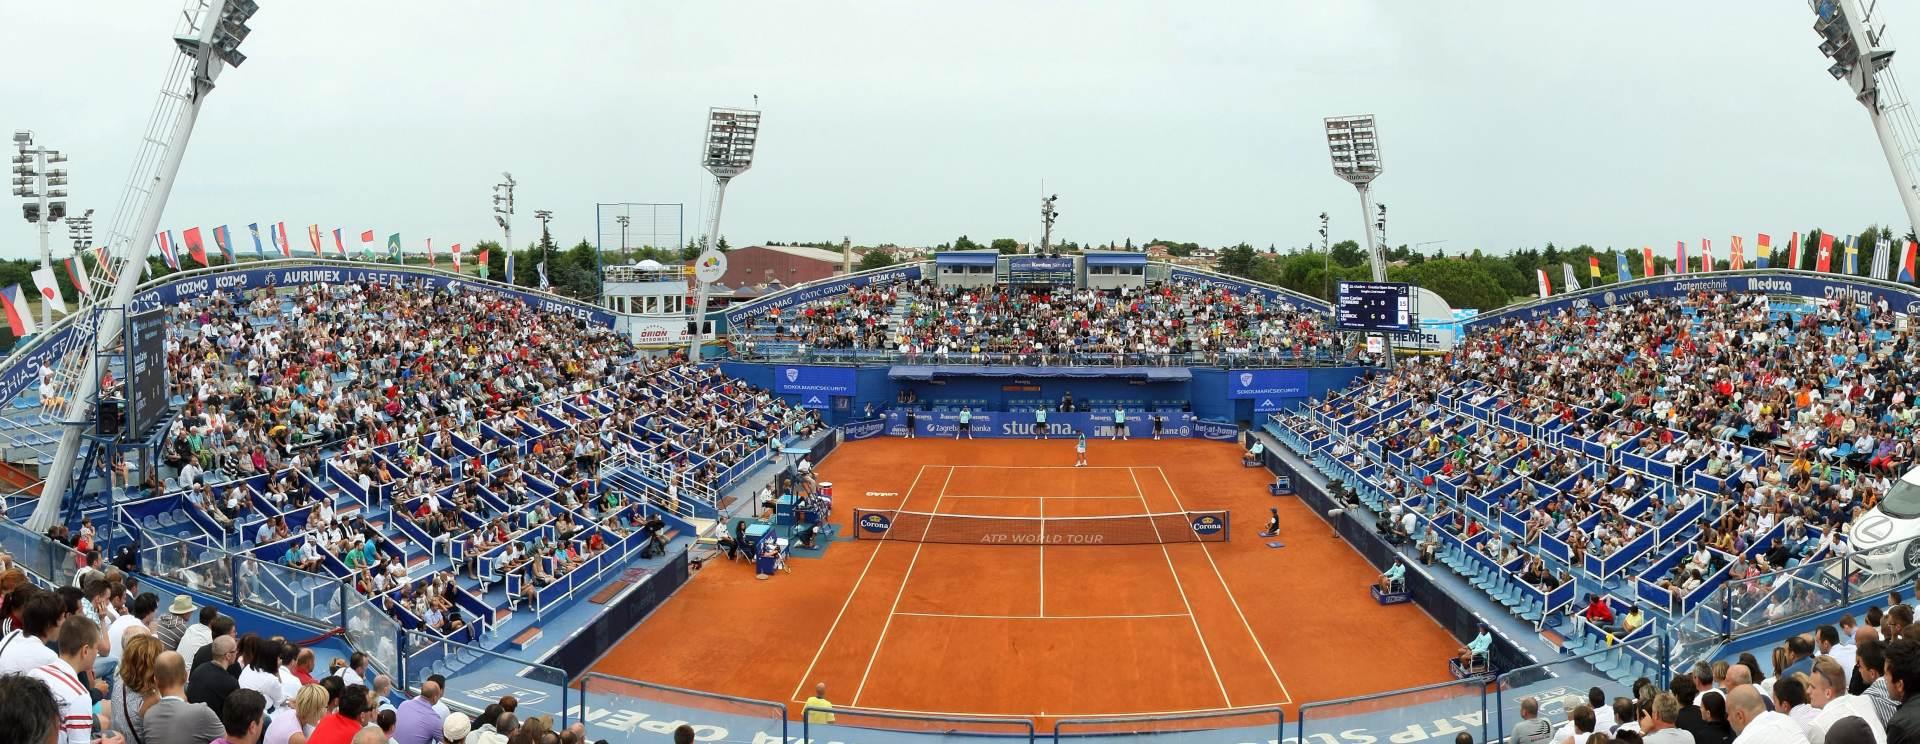 WTA Baku: Prvi naslov za Gasparjan